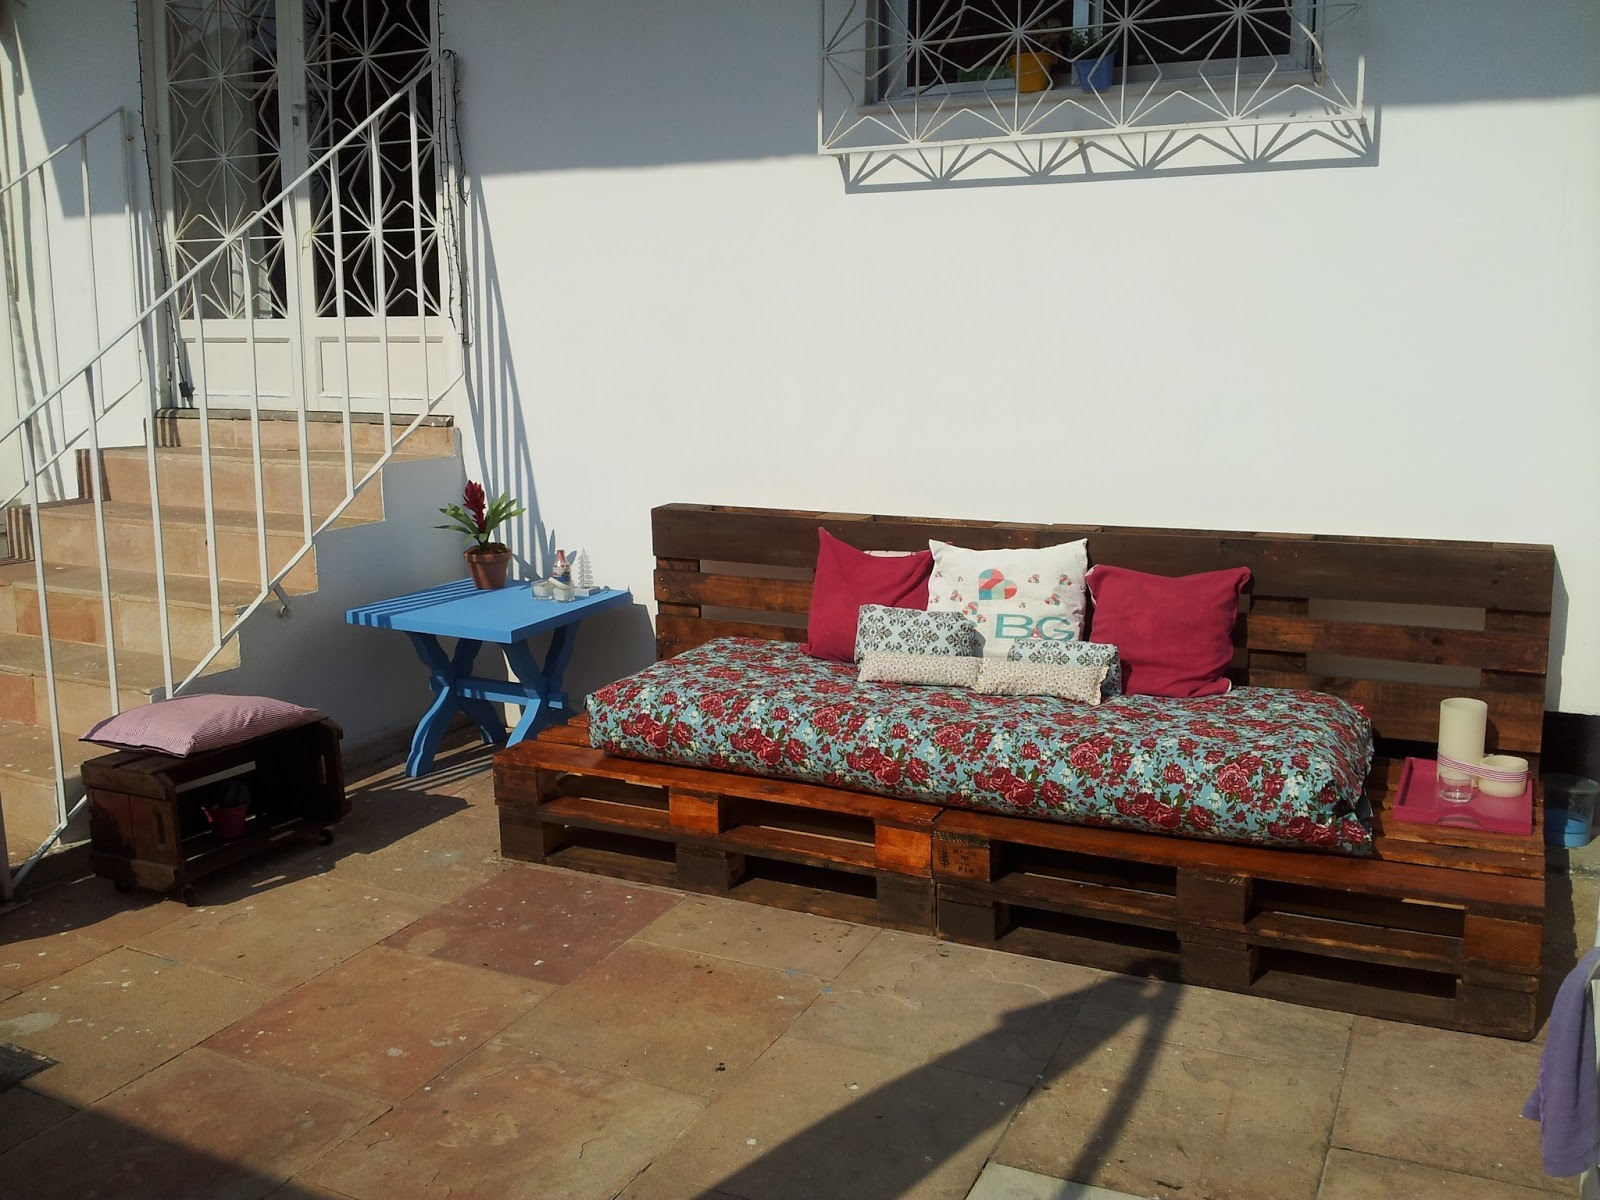 Fusca Rosa: Faça você mesma: Sofá usando pallets #75382D 1600x1200